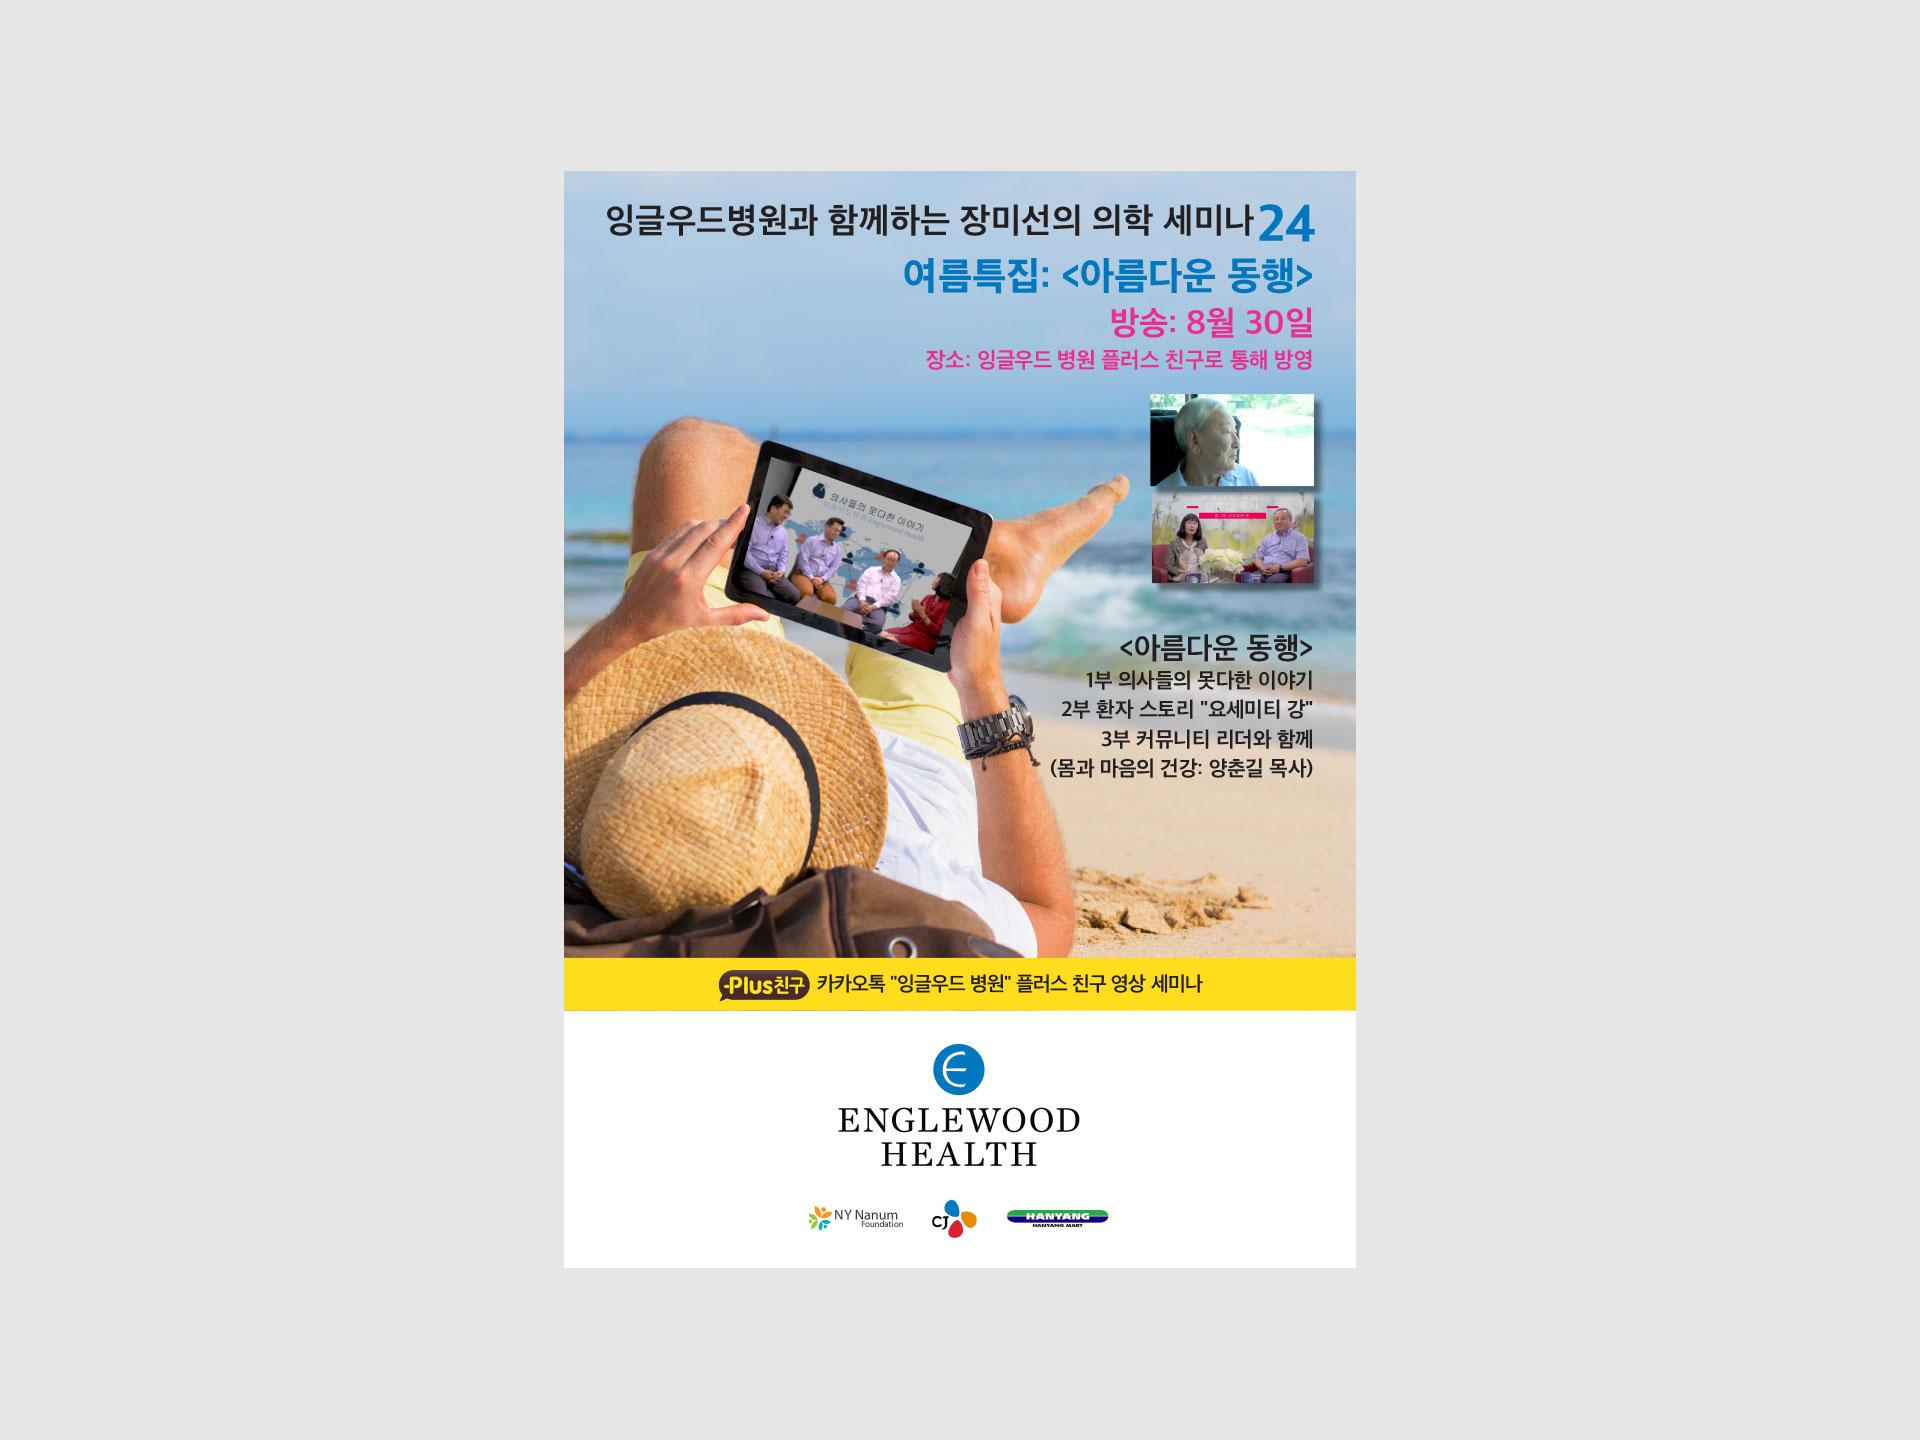 Korean Center event 24